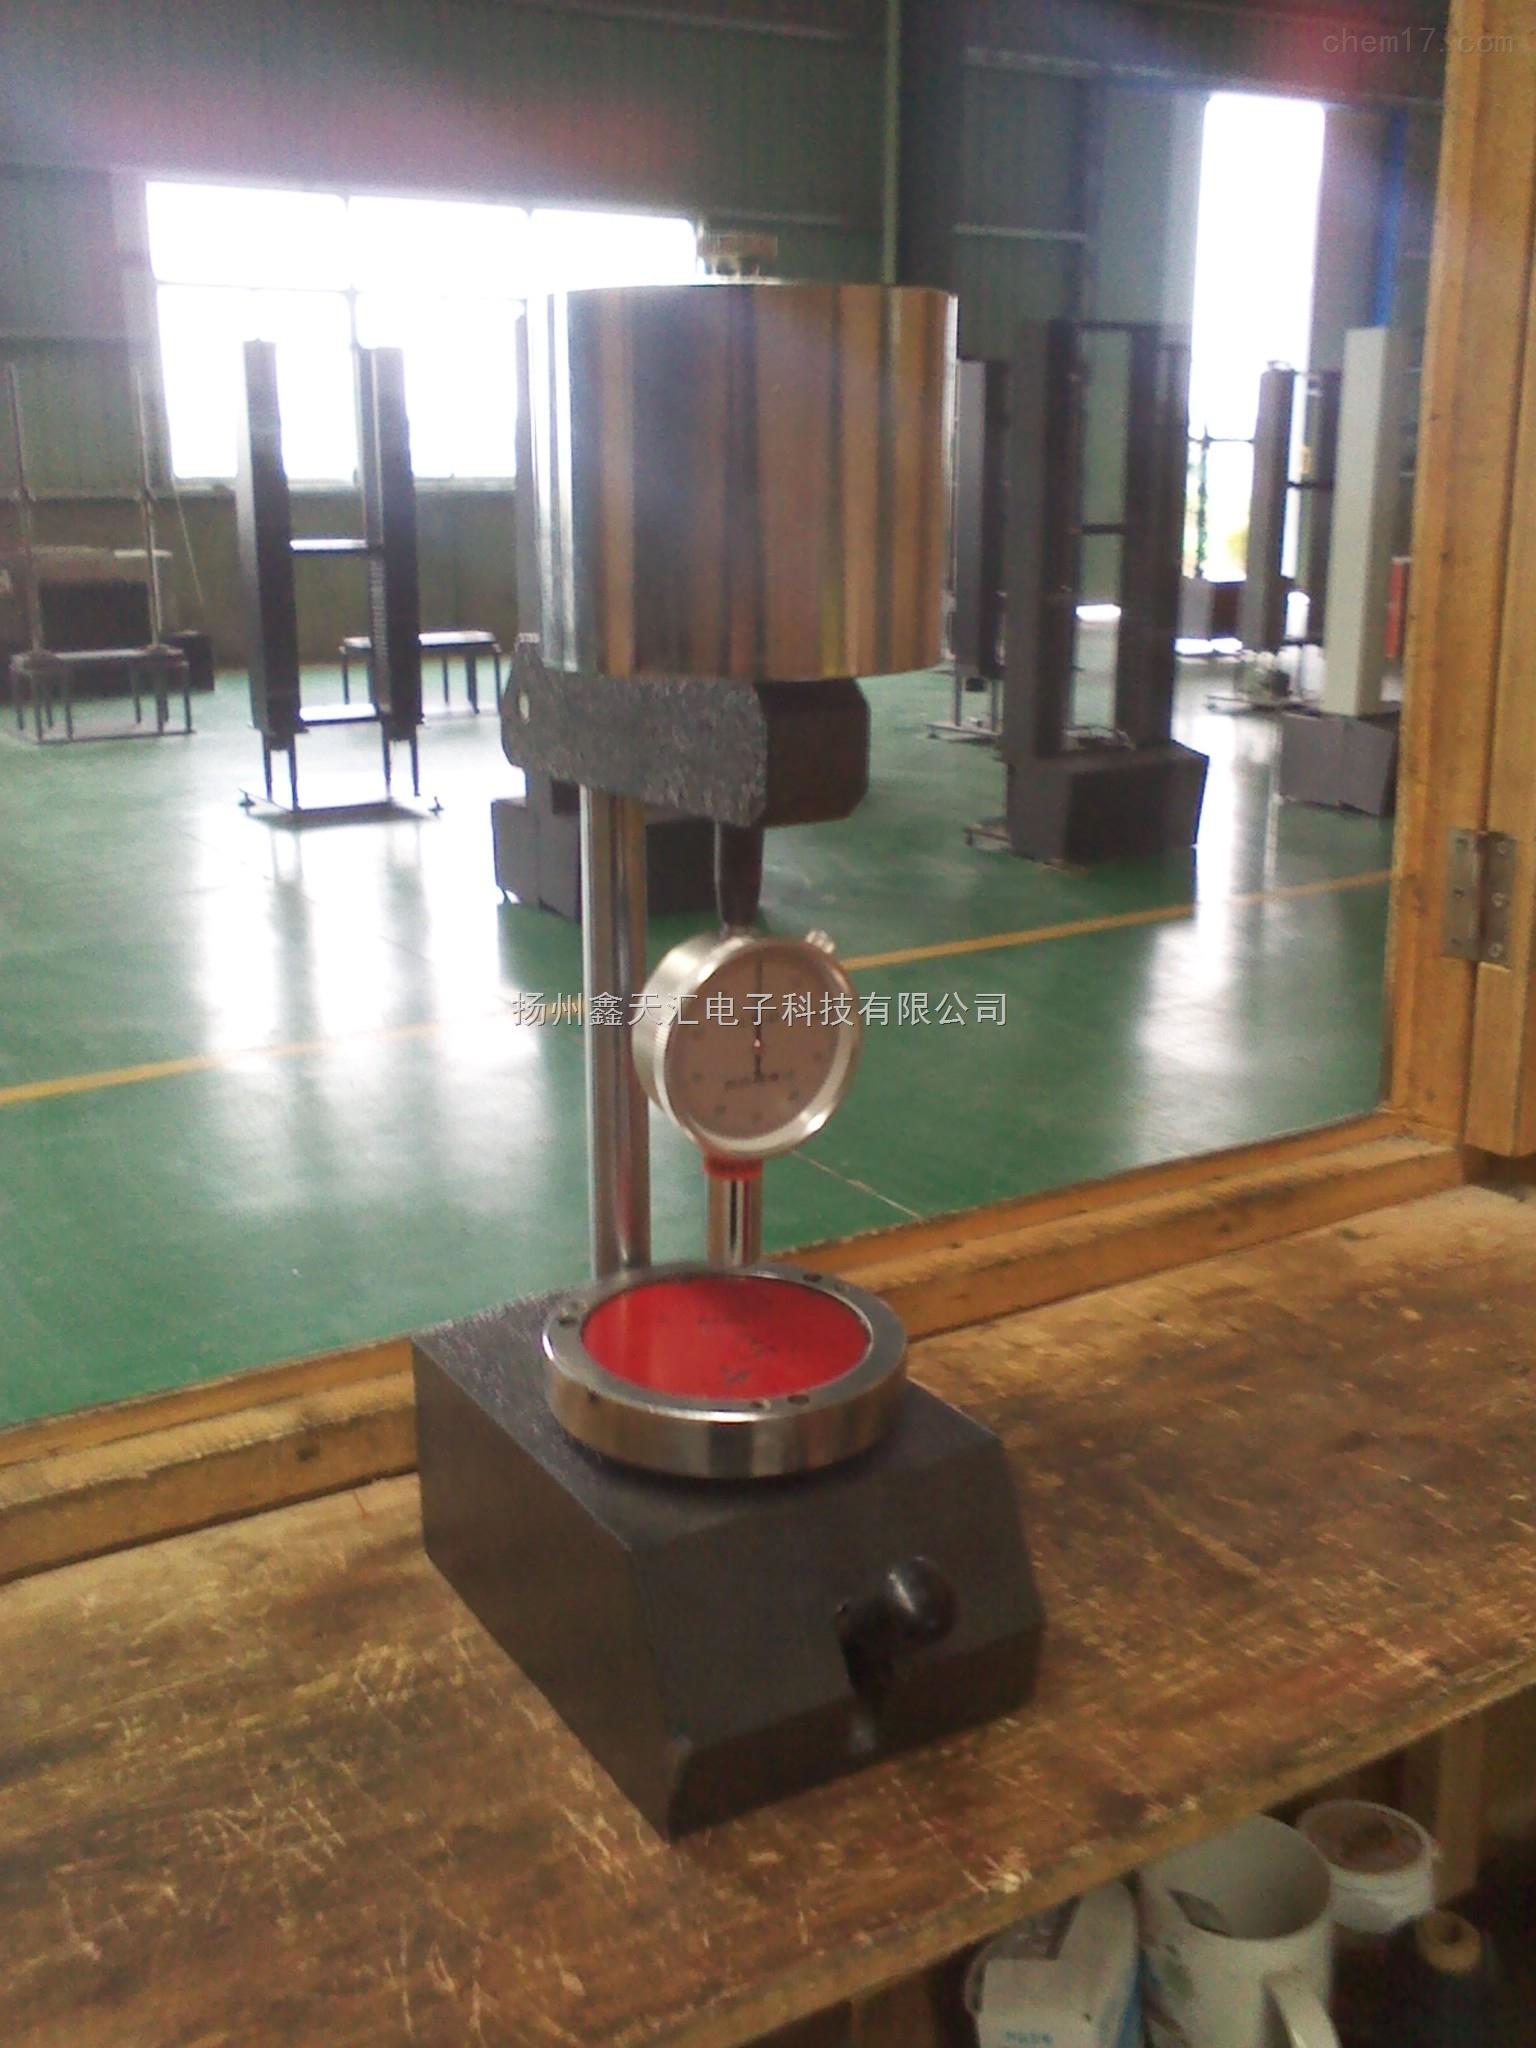 扬州鑫天汇电子科技有限公司